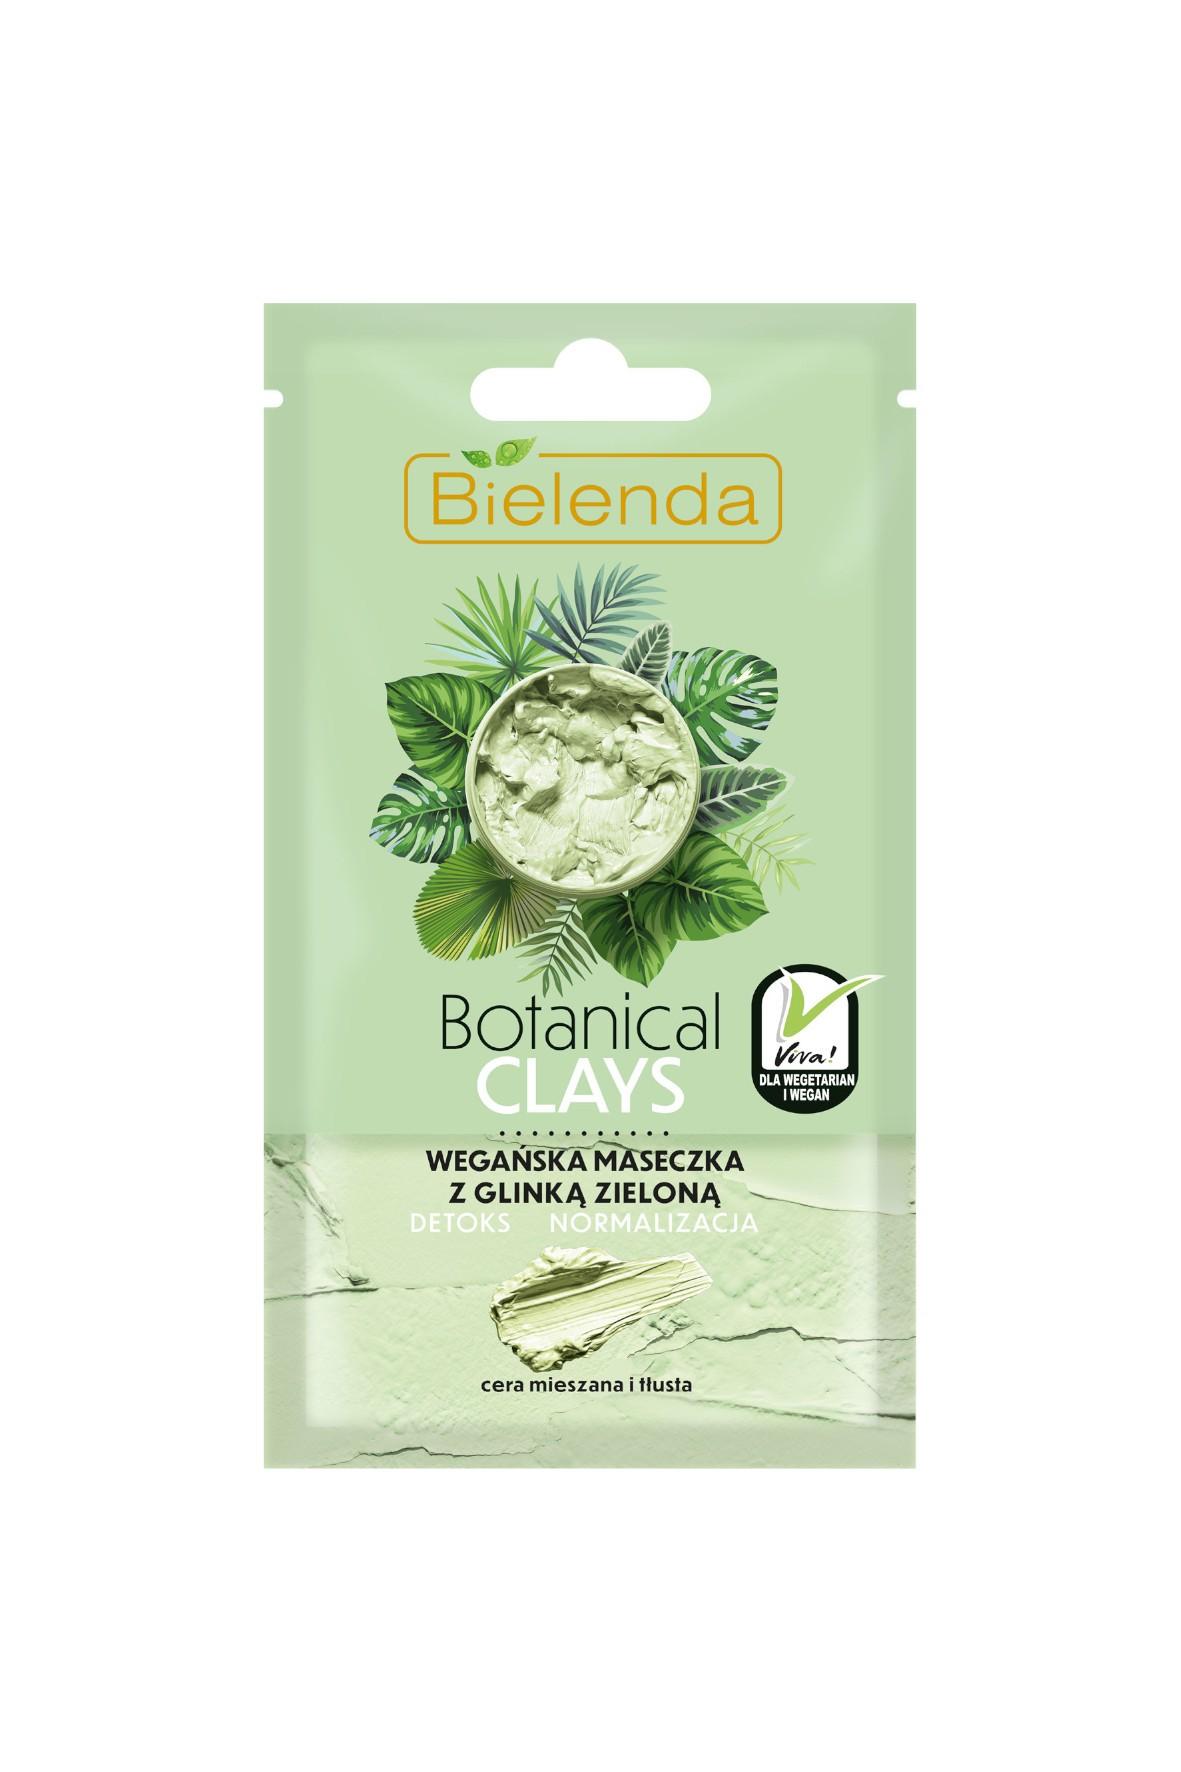 BOTANICAL CLAYS Wegańska maseczka z glinką zieloną - 8 g